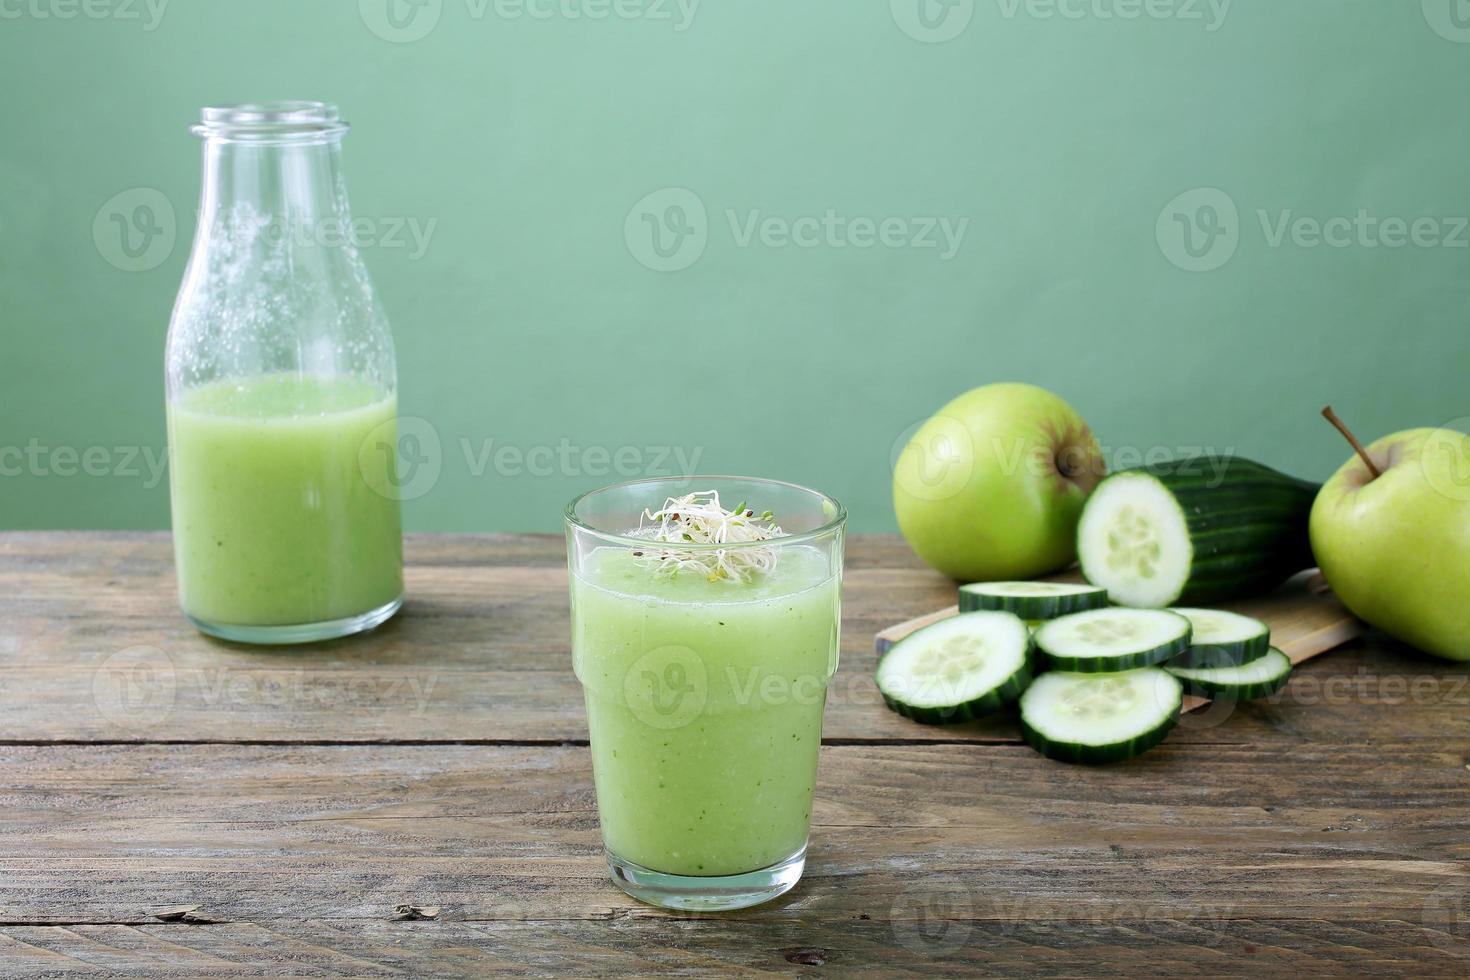 groene smoothie appel en komkommer foto